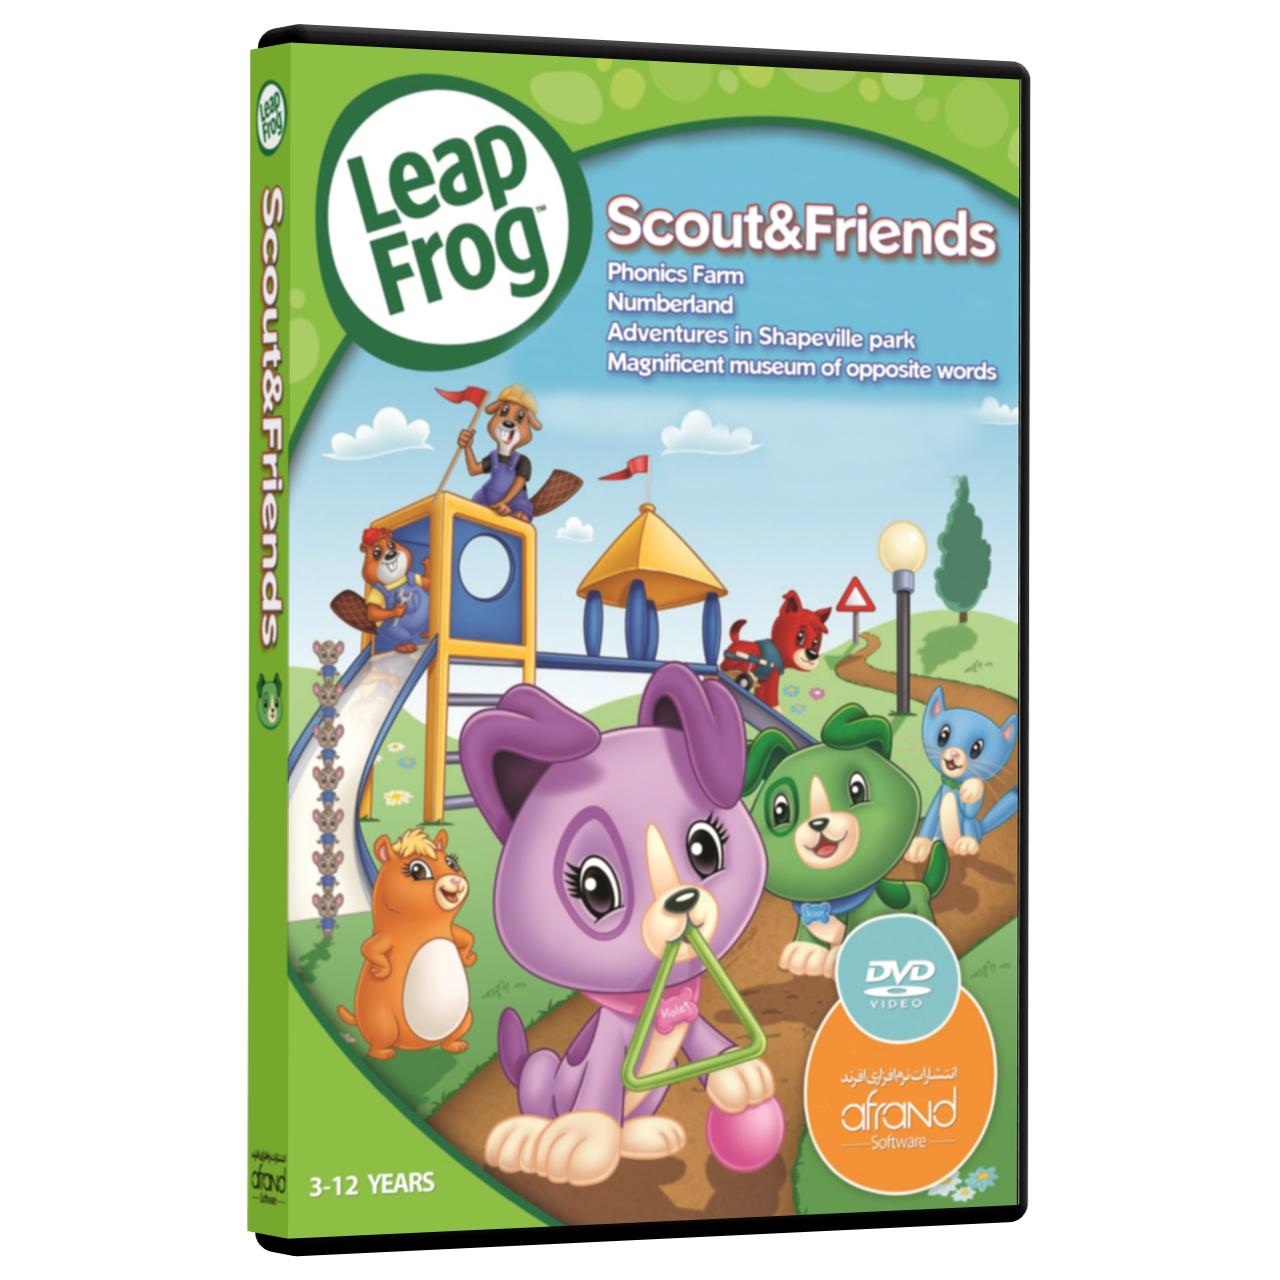 خرید فیلم آموزش زبان انگلیسی  LeapFrog Scout & Friends  انتشارات نرم افزاری افرند